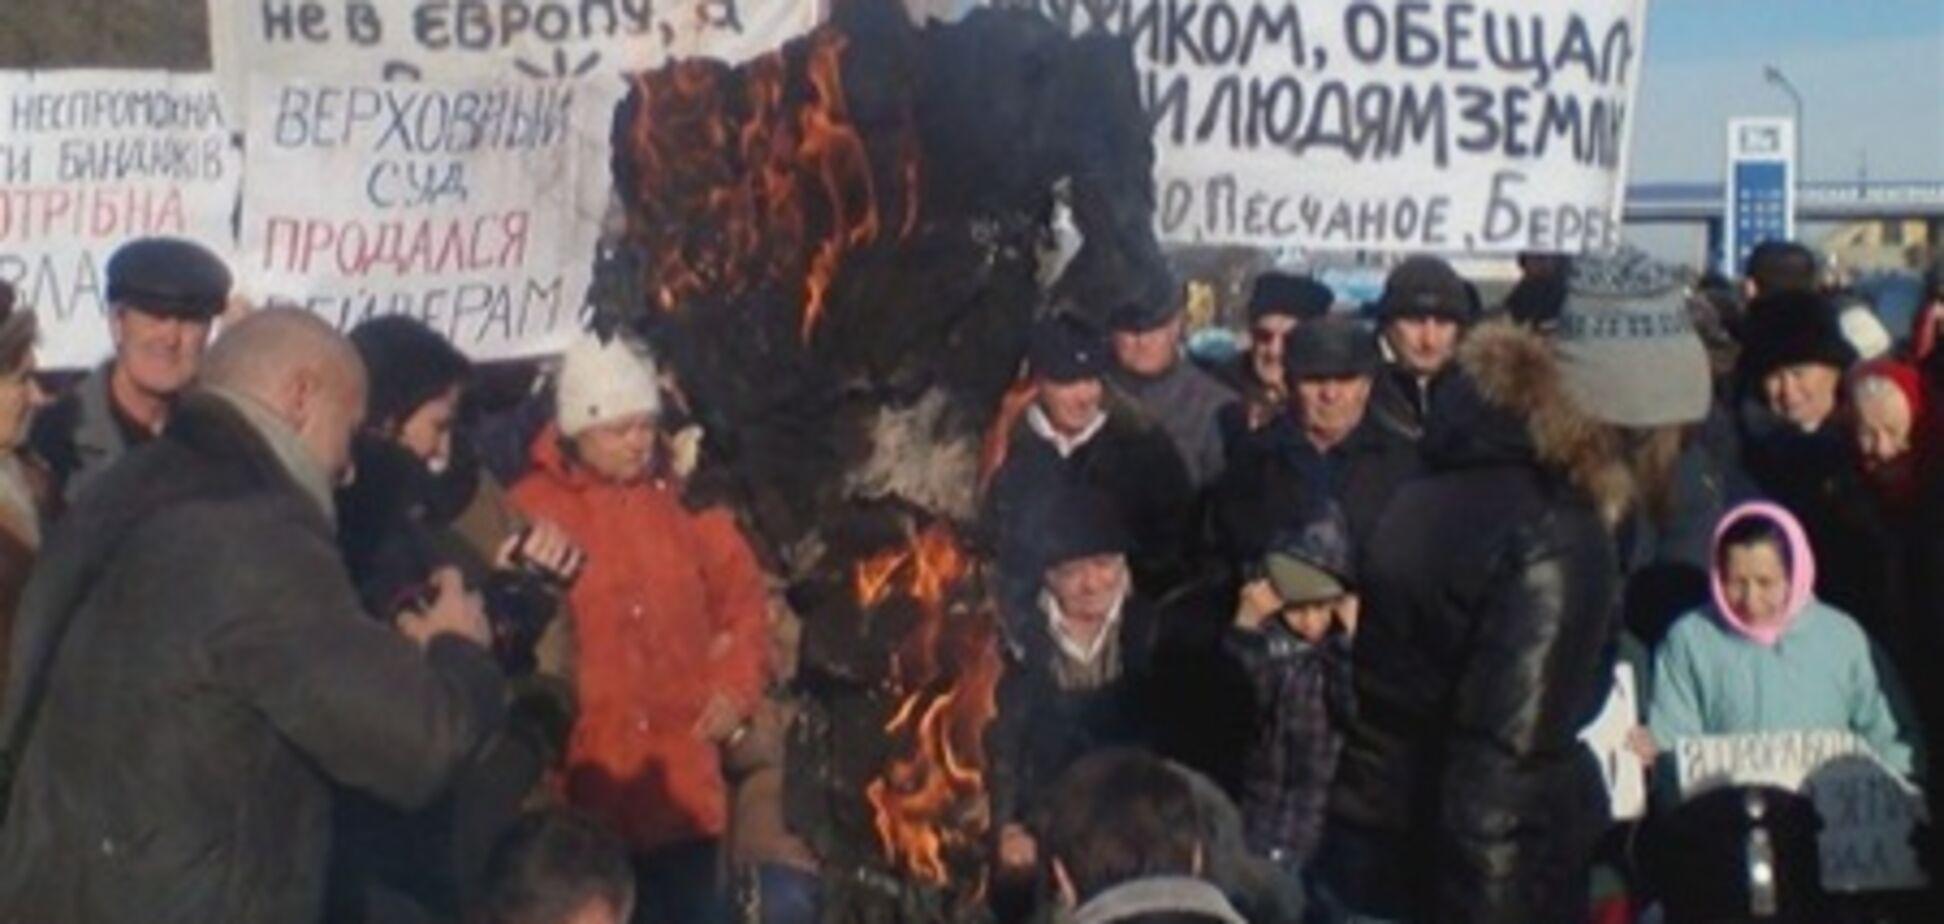 Під Бахчисараєм кримчани підпалили рейдера і вляглися на трасу. Відео